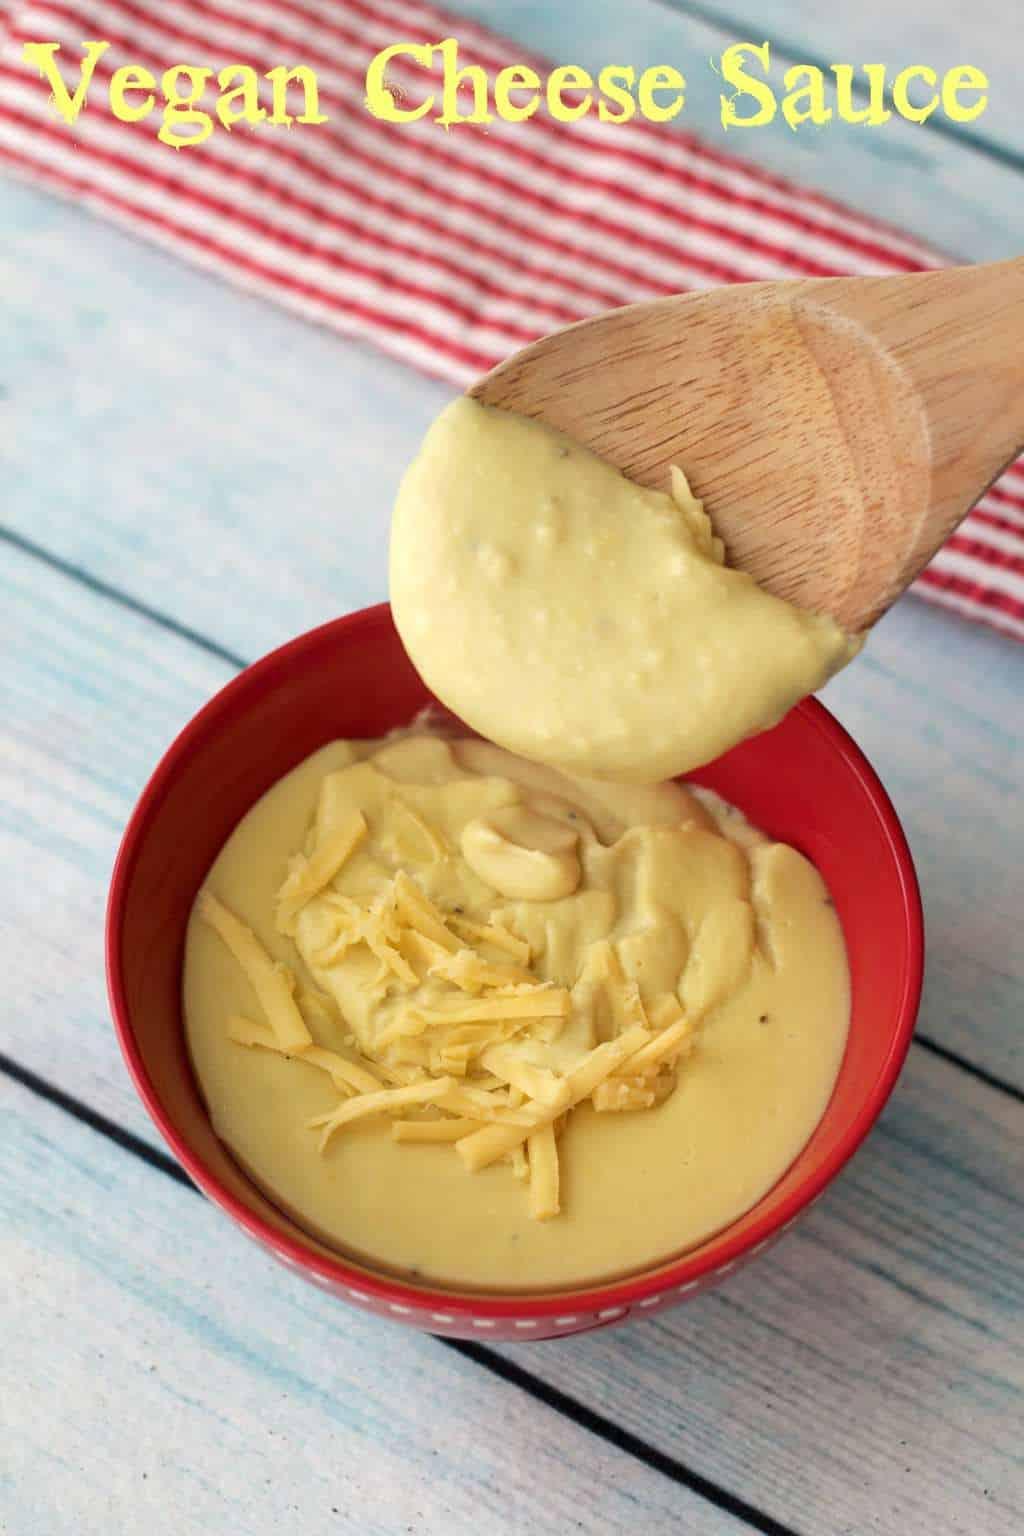 Vegan Cheese Sauce #vegan #lovingitvegan #cheesesauce #dairyfree